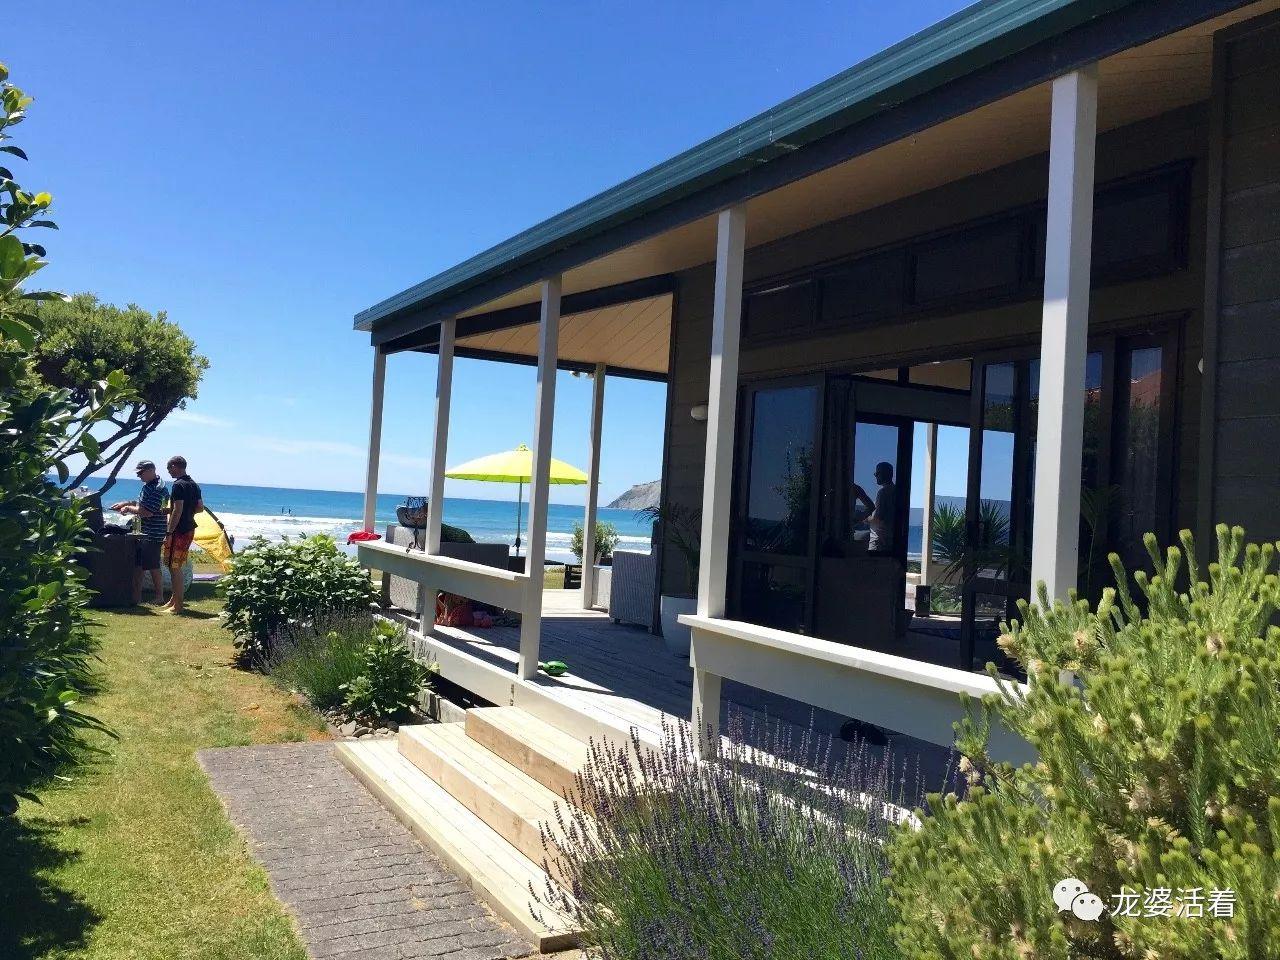 [海外生活]新西兰人的夏季度假屋美得有点不真实